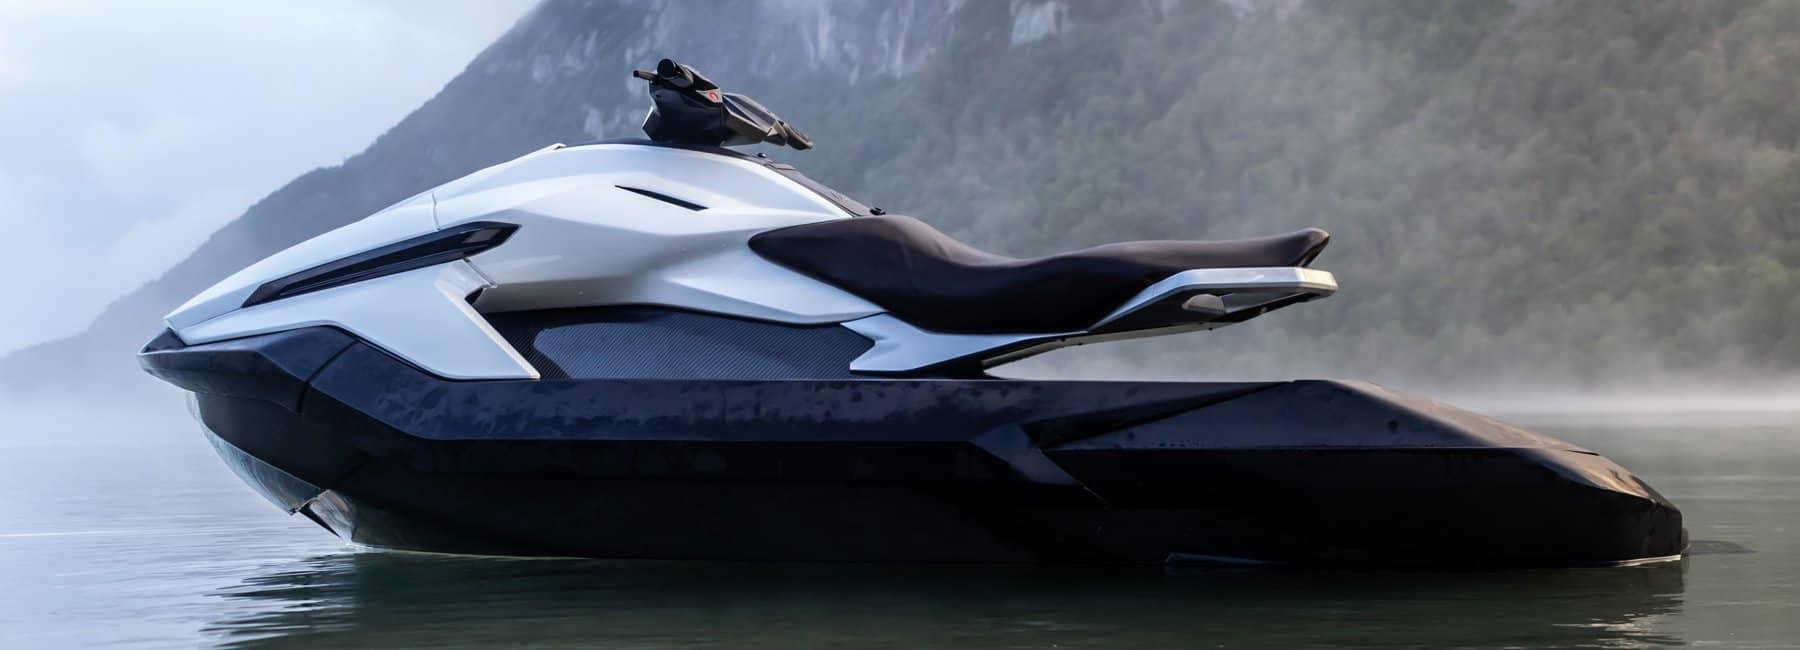 Taiga Motors Orca 3